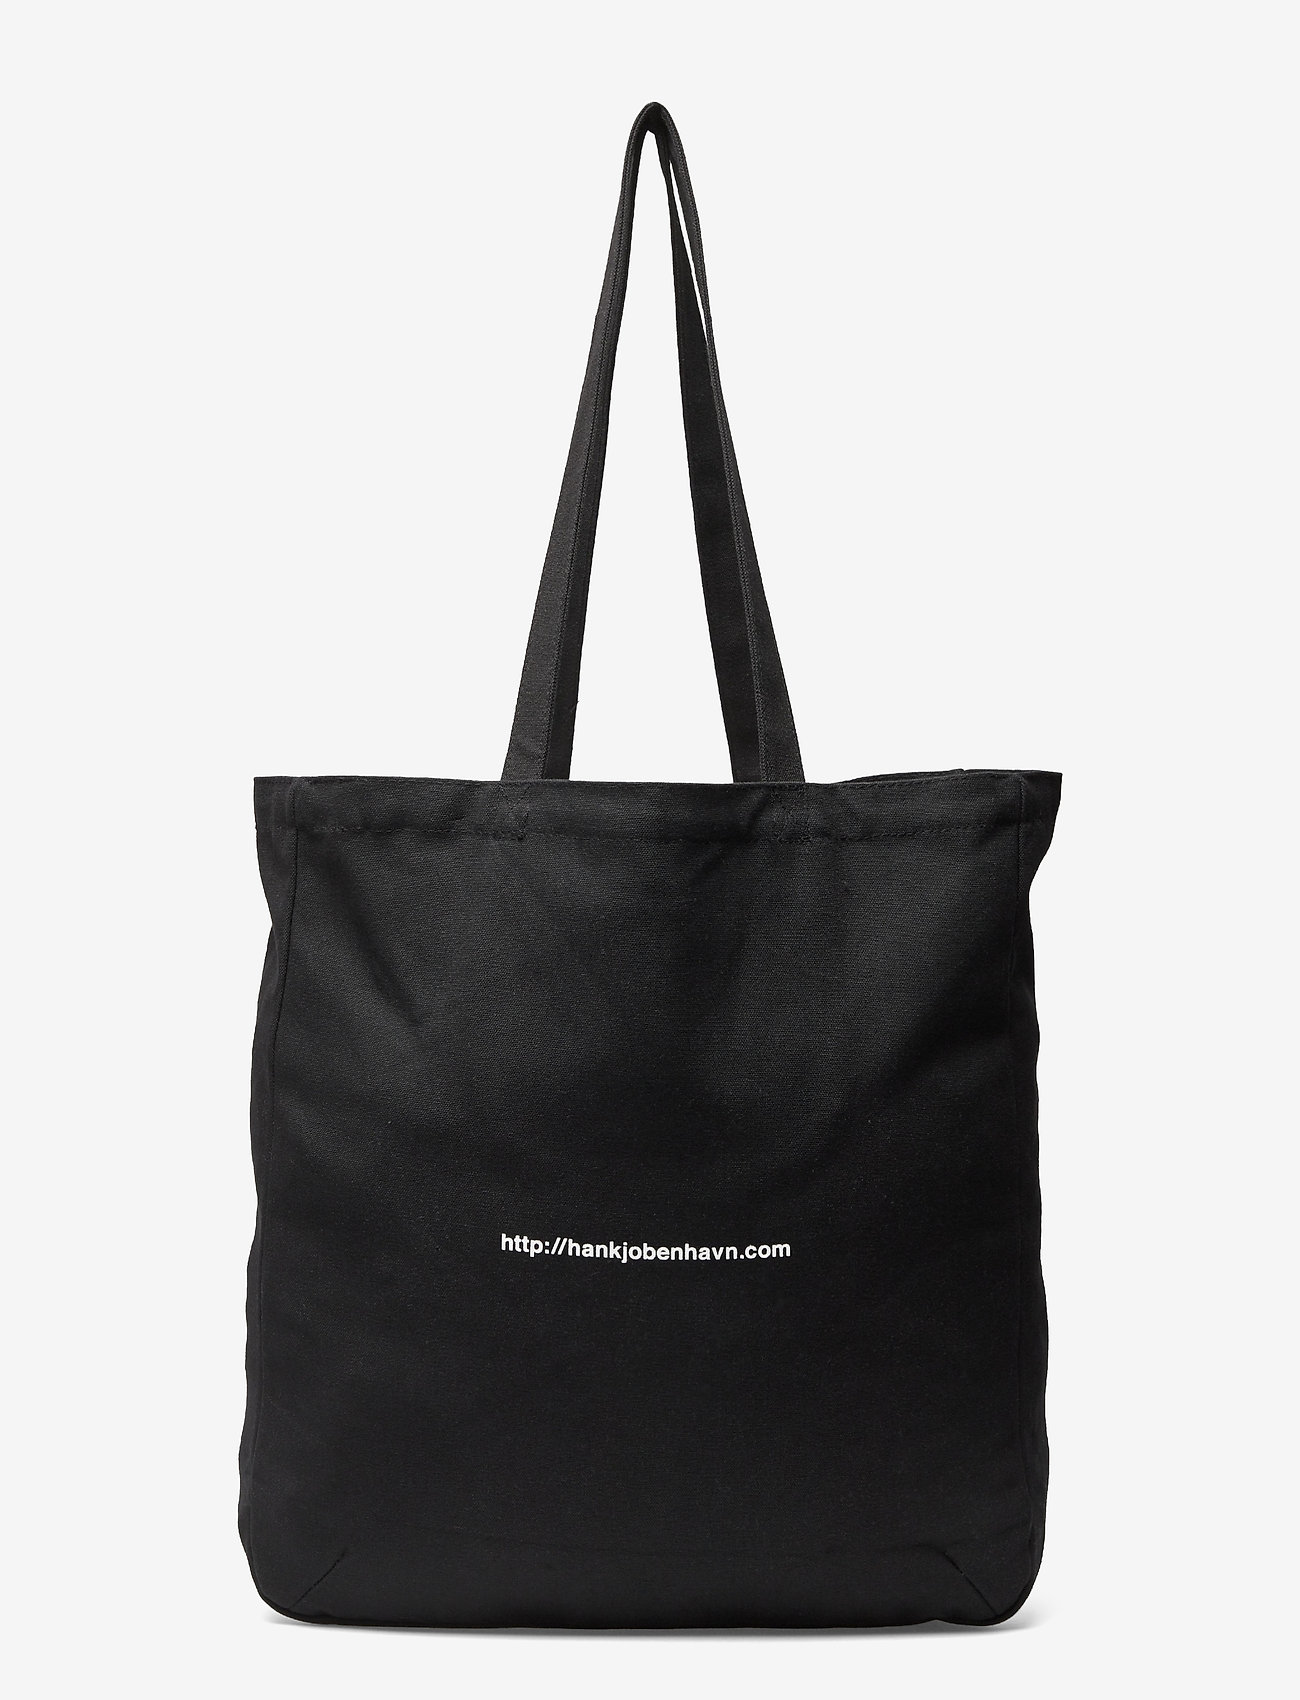 HAN Kjøbenhavn - Tote Bag HAN KJØBENHAVN - tassen - black - 1